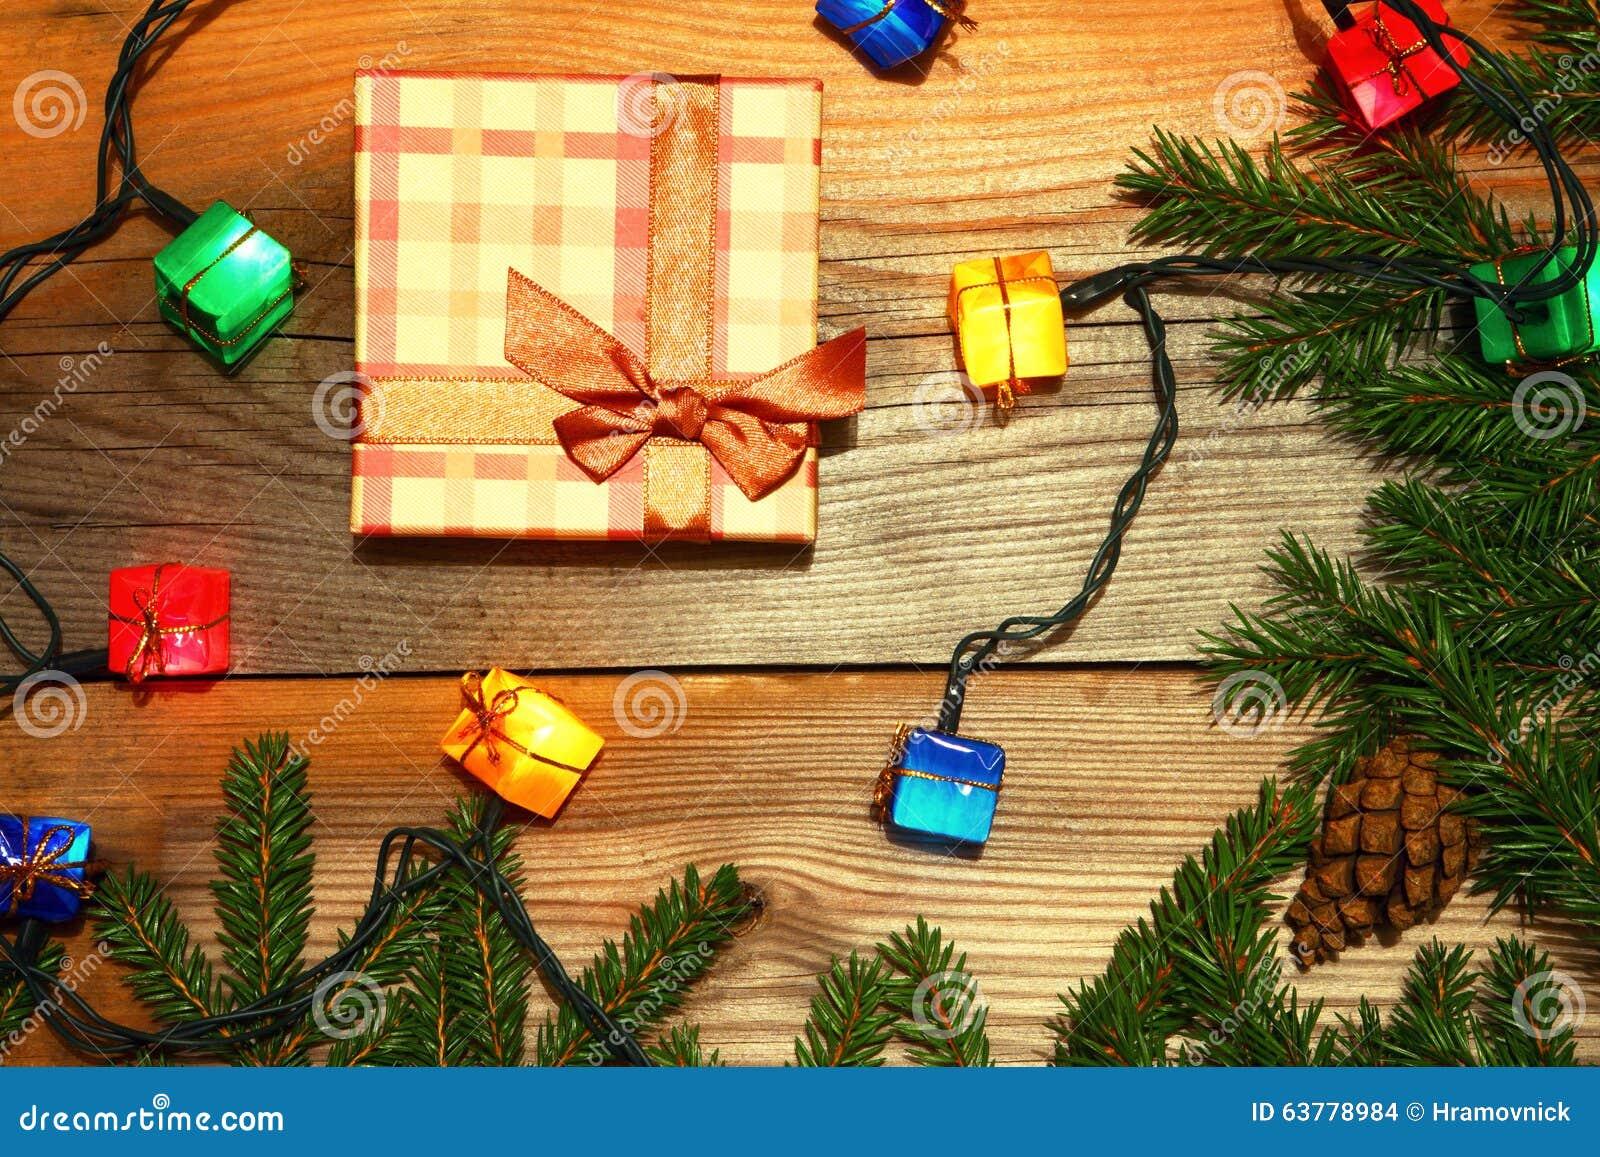 Weihnachtsgeschenk-Hintergrund Kästen Und Kegel Karte Des Neuen ...